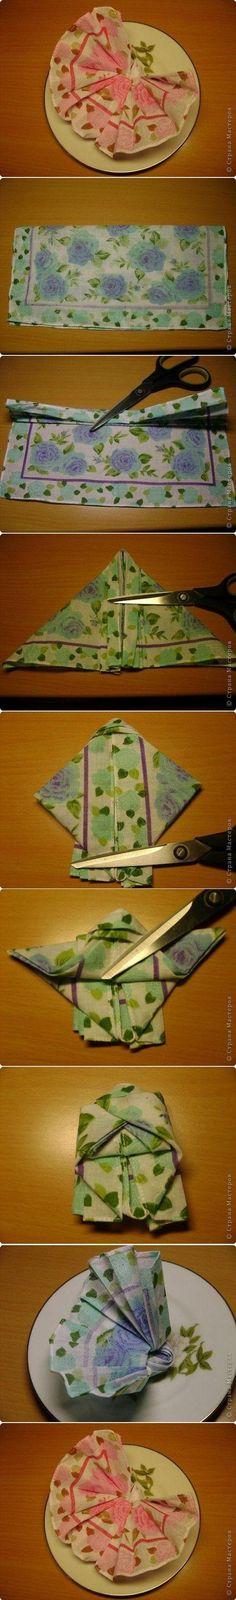 DIY Tutorial DIY Cloth Napkins / how to fold cloth napkins - Bead&Cord